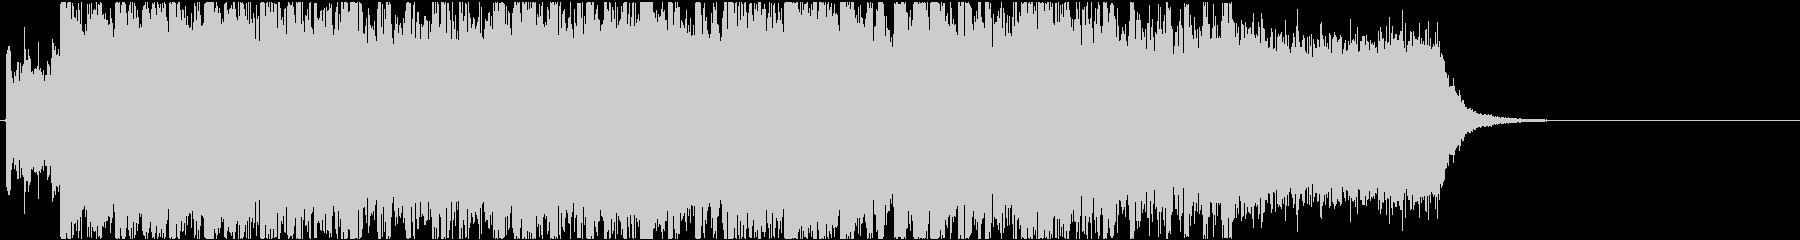 ニュースOP3 感動・幻想的・番組の未再生の波形